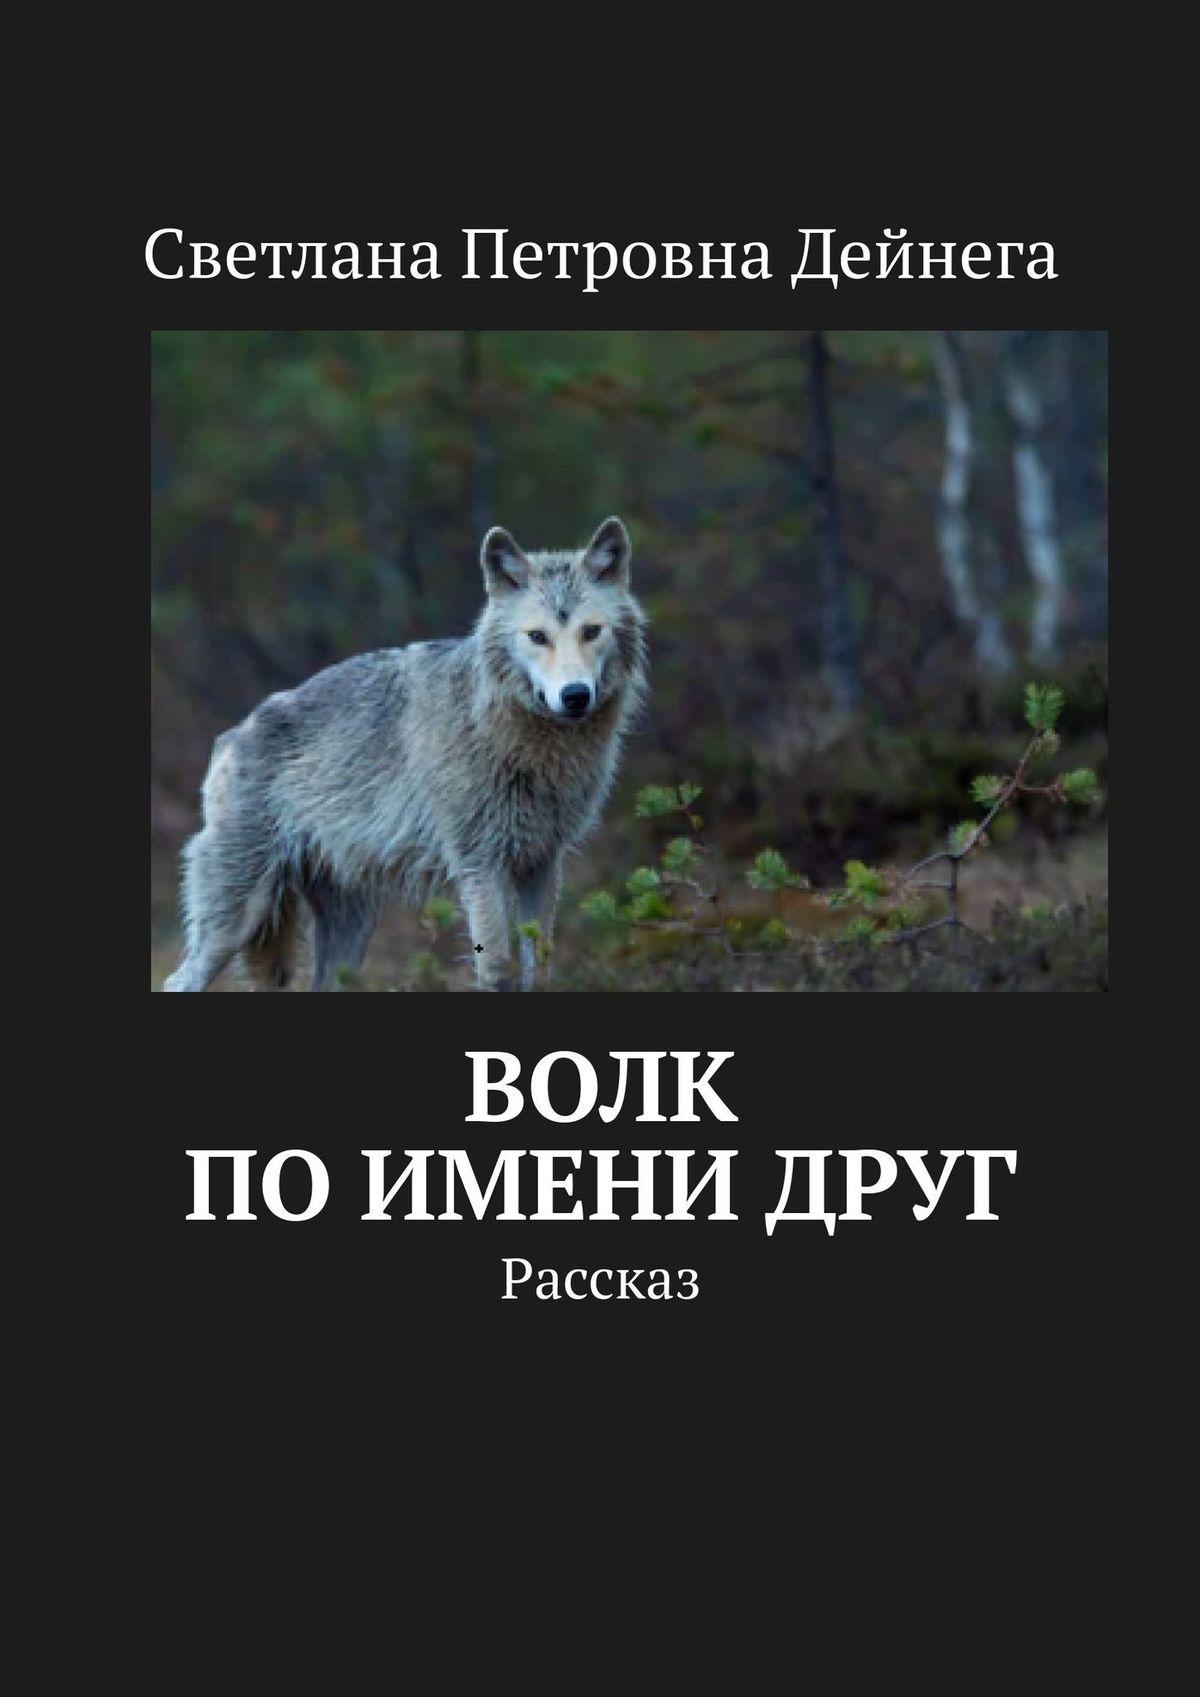 Светлана Петровна Дейнега Волк поимениДруг. Рассказ брюн косм н большой волк и маленький волк листок который никак не падал